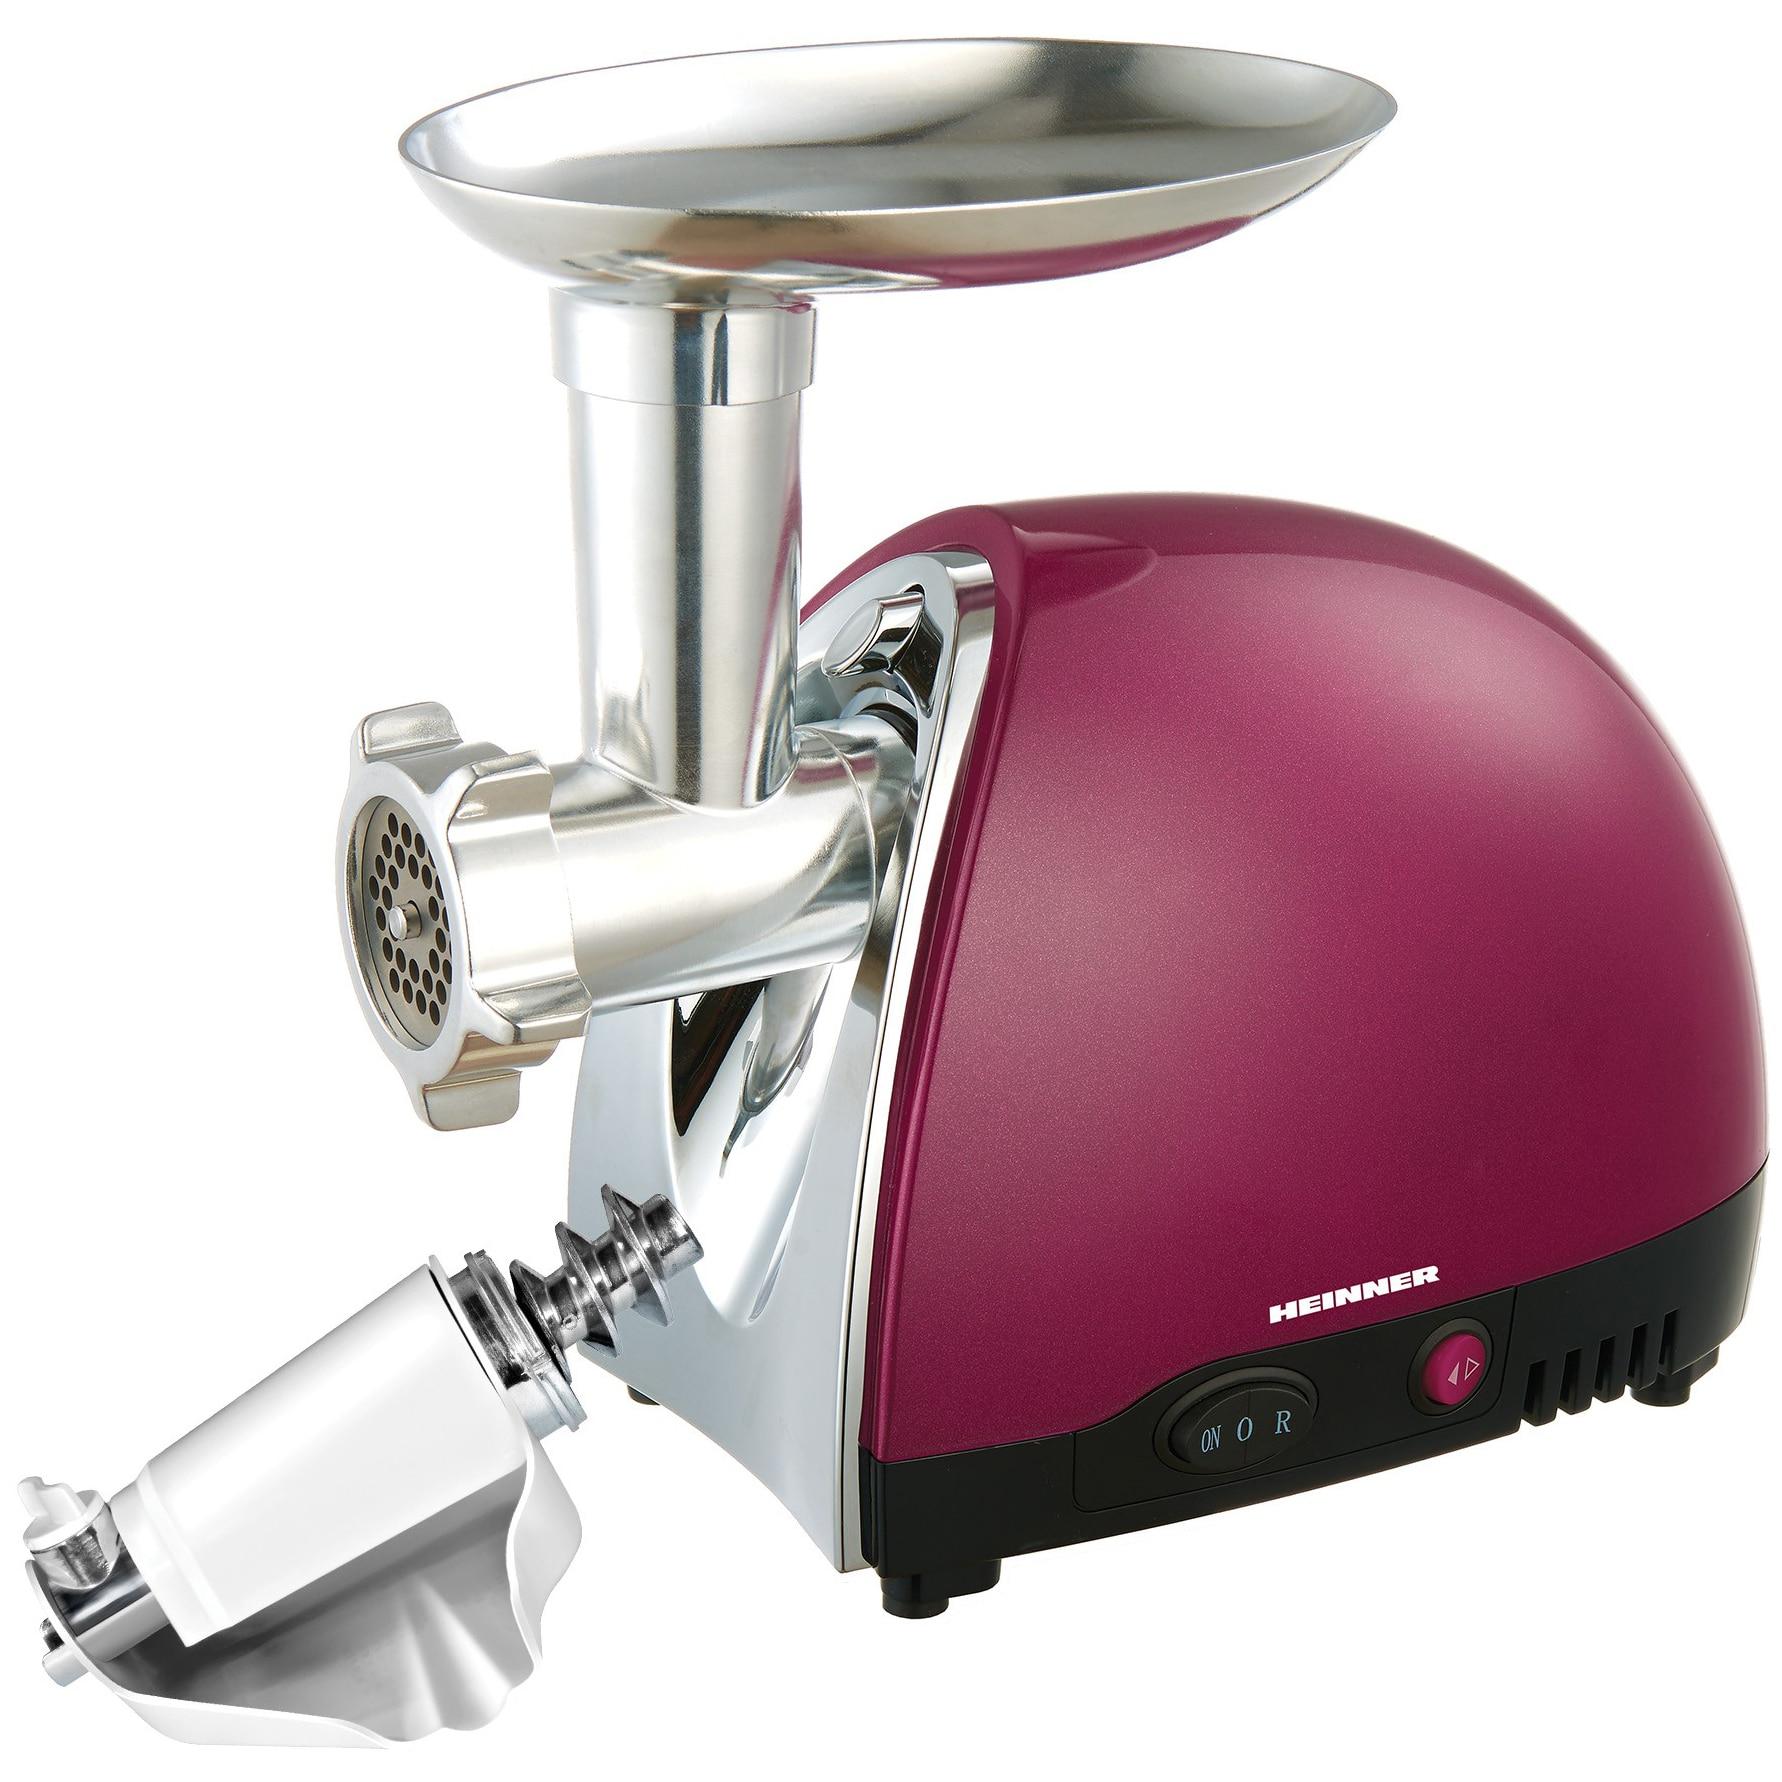 Fotografie Masina de tocat Heinner MG1500TA-BG, 1600 W, Accesoriu pentru rosii si carnati, Cutit inox, Visiniu sidefat